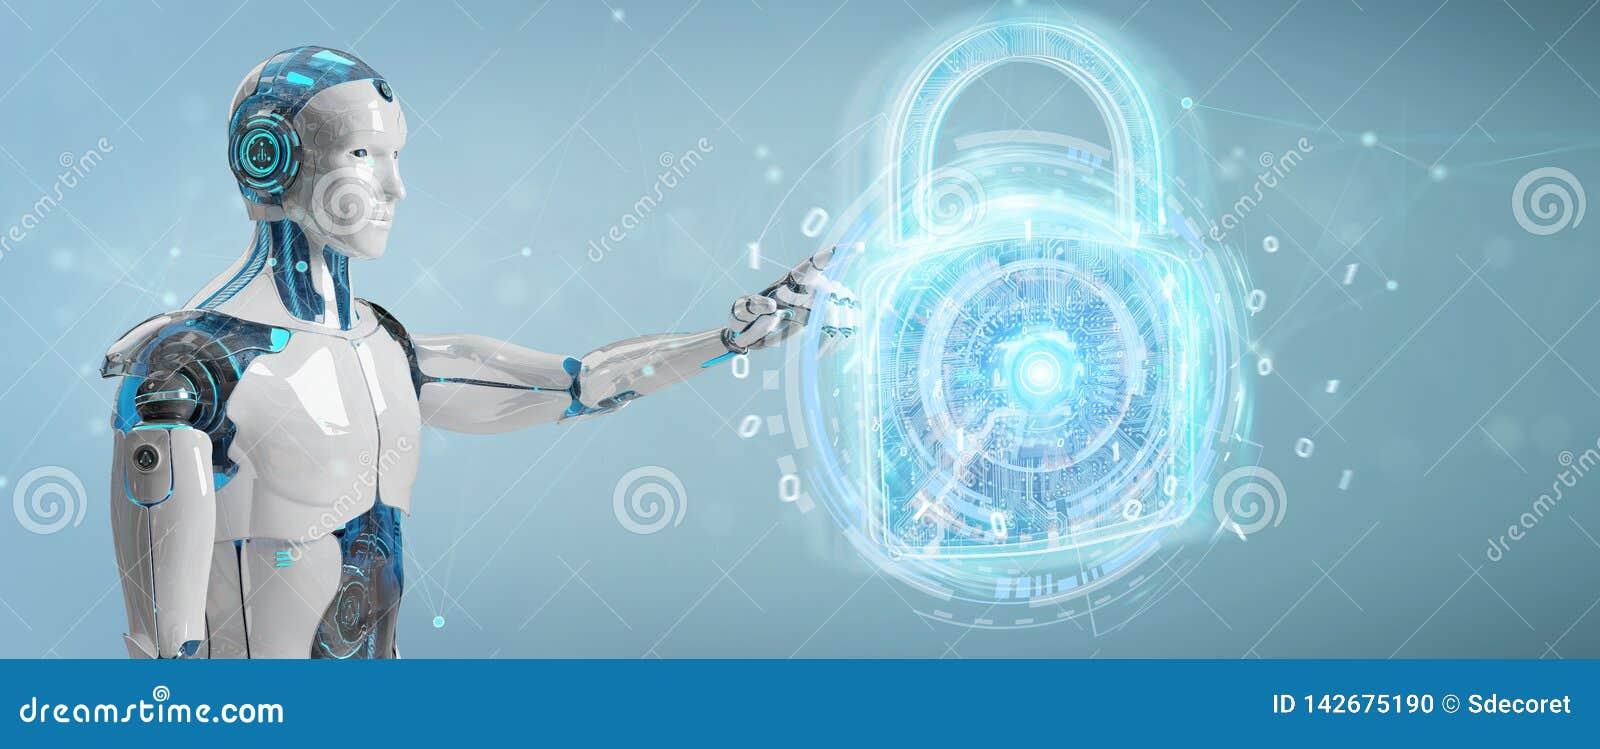 Интерфейс обеспечения безопасности сети используемый переводом робота 3D